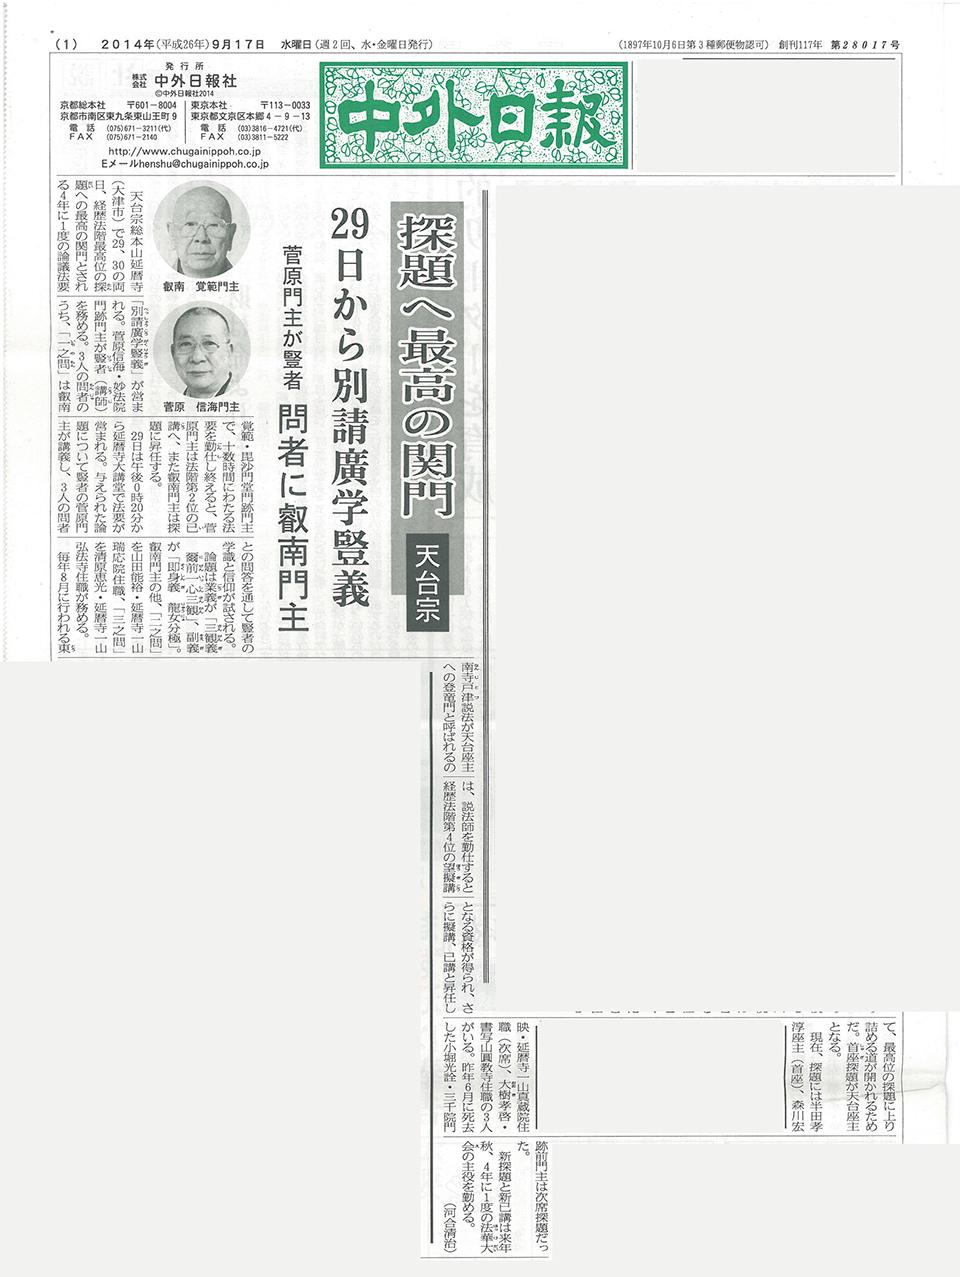 http://www.serenbutu.jp/news/20140917chugai-web.jpg